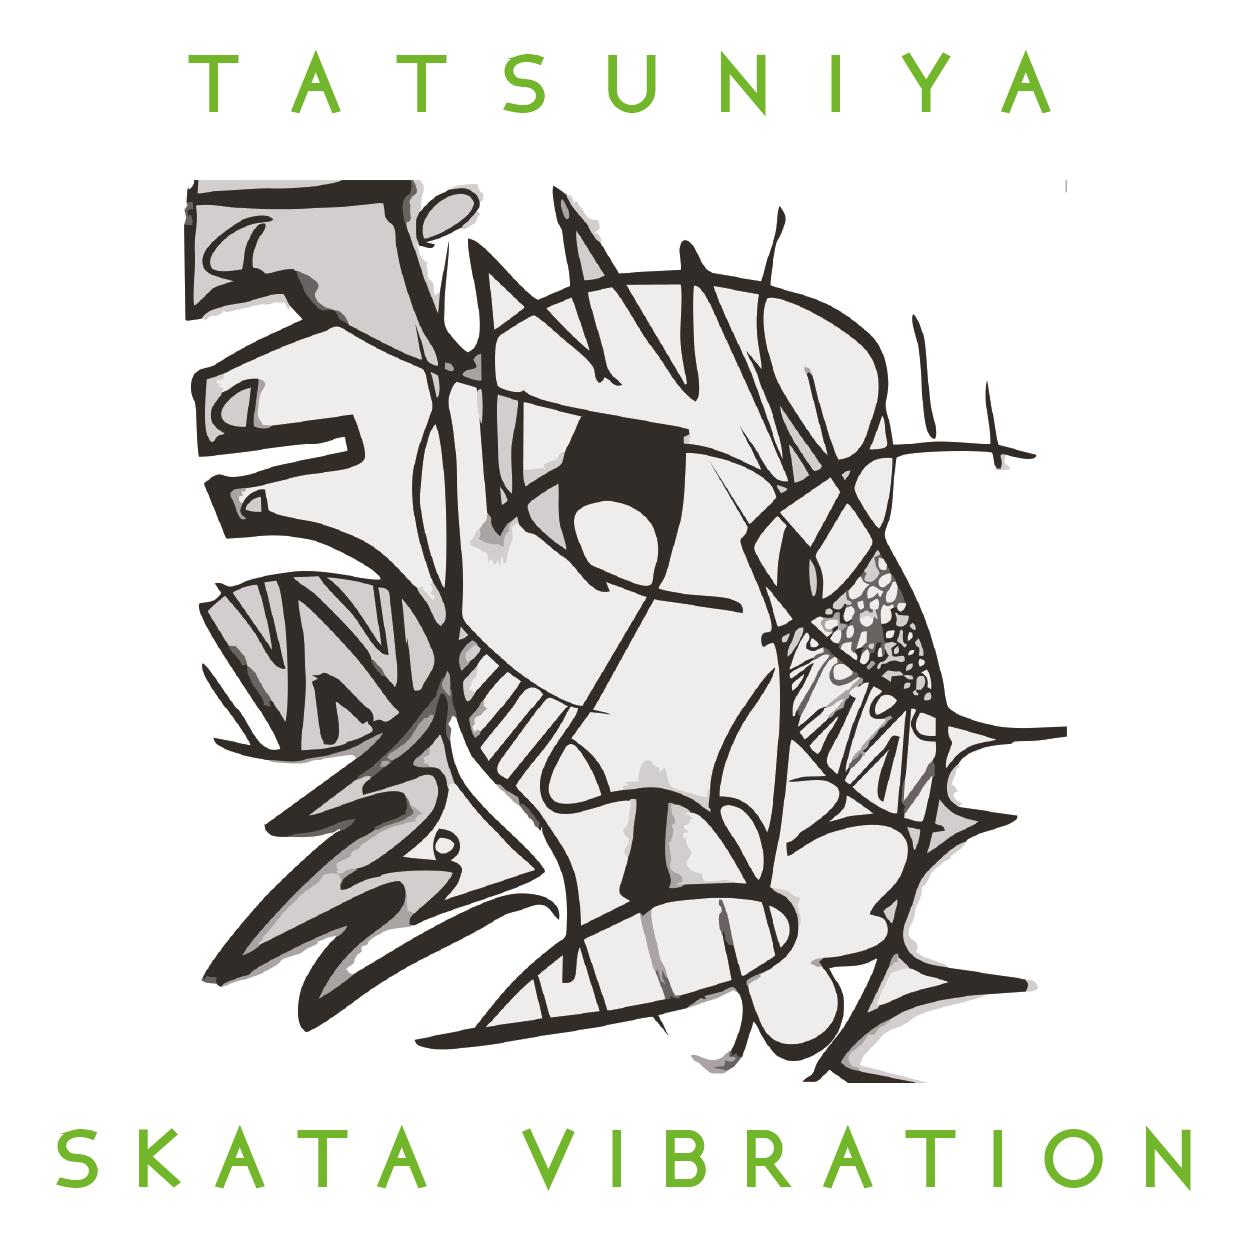 """17 janvier 2020 : sortie de """"Tatsuniya"""", le deuxième album de Skata Vibration - 29/11 : sortie d'un premier single ; 13/12 : sortie d'un deuxième single"""